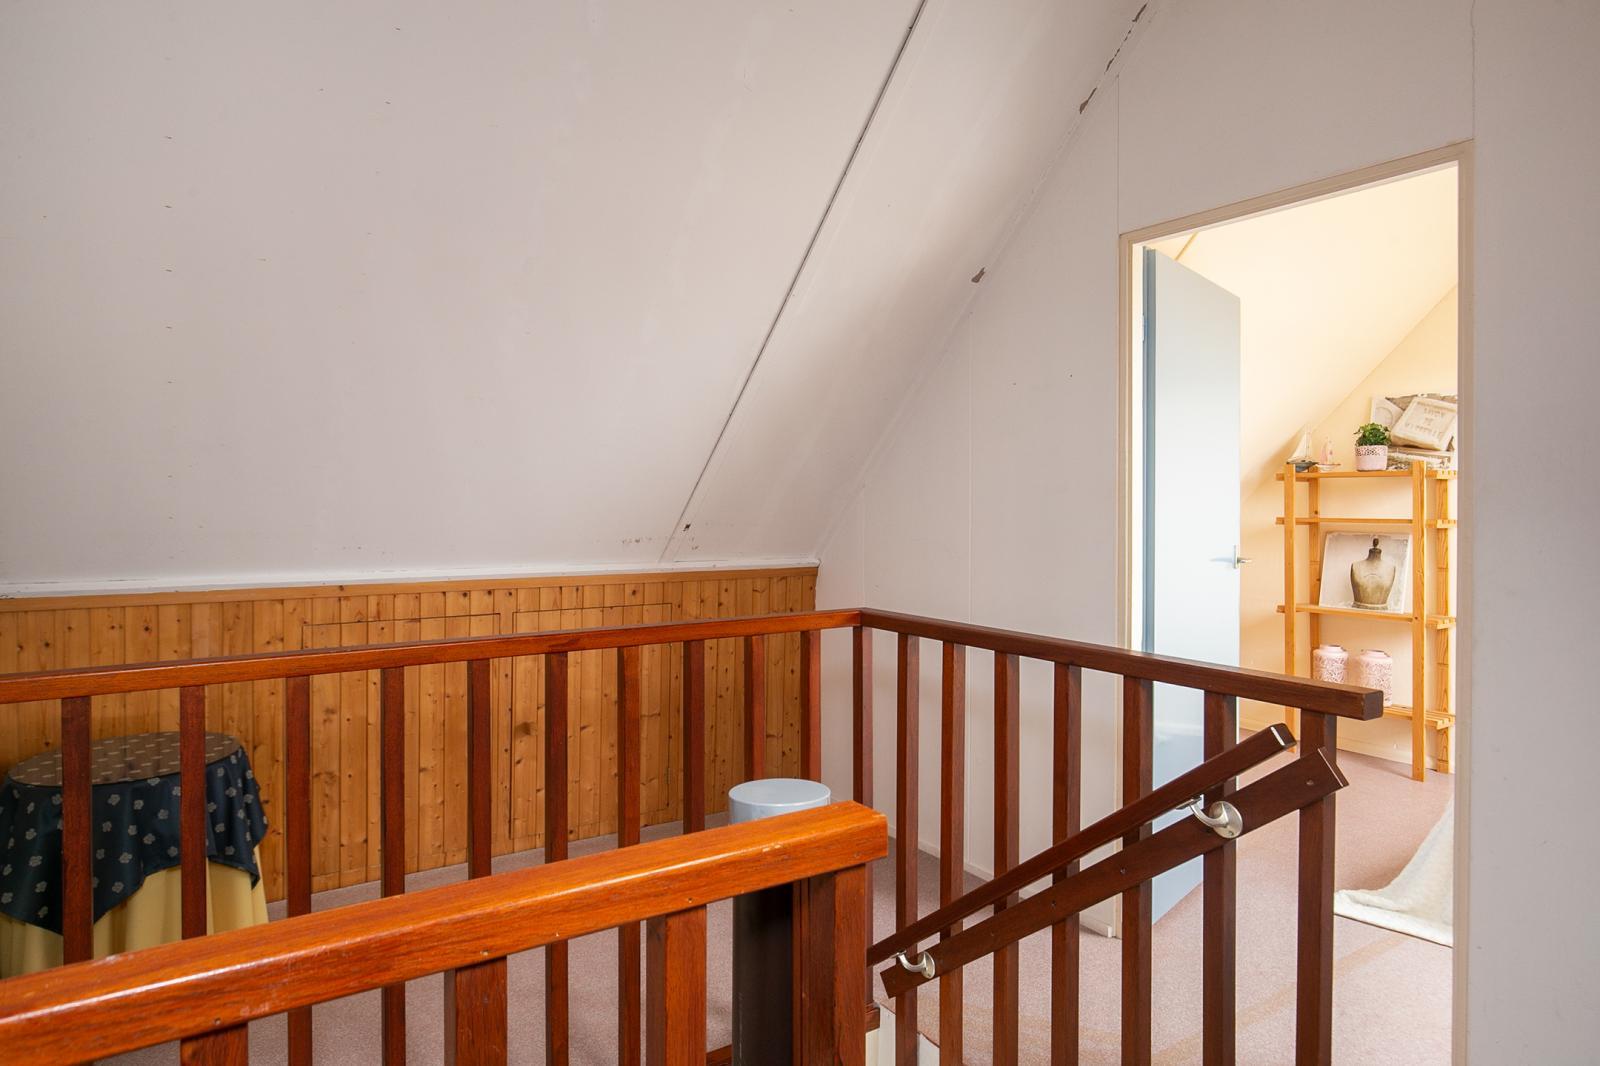 zeino-van-burmaniastrjitte-15-oppenhuizen-1080